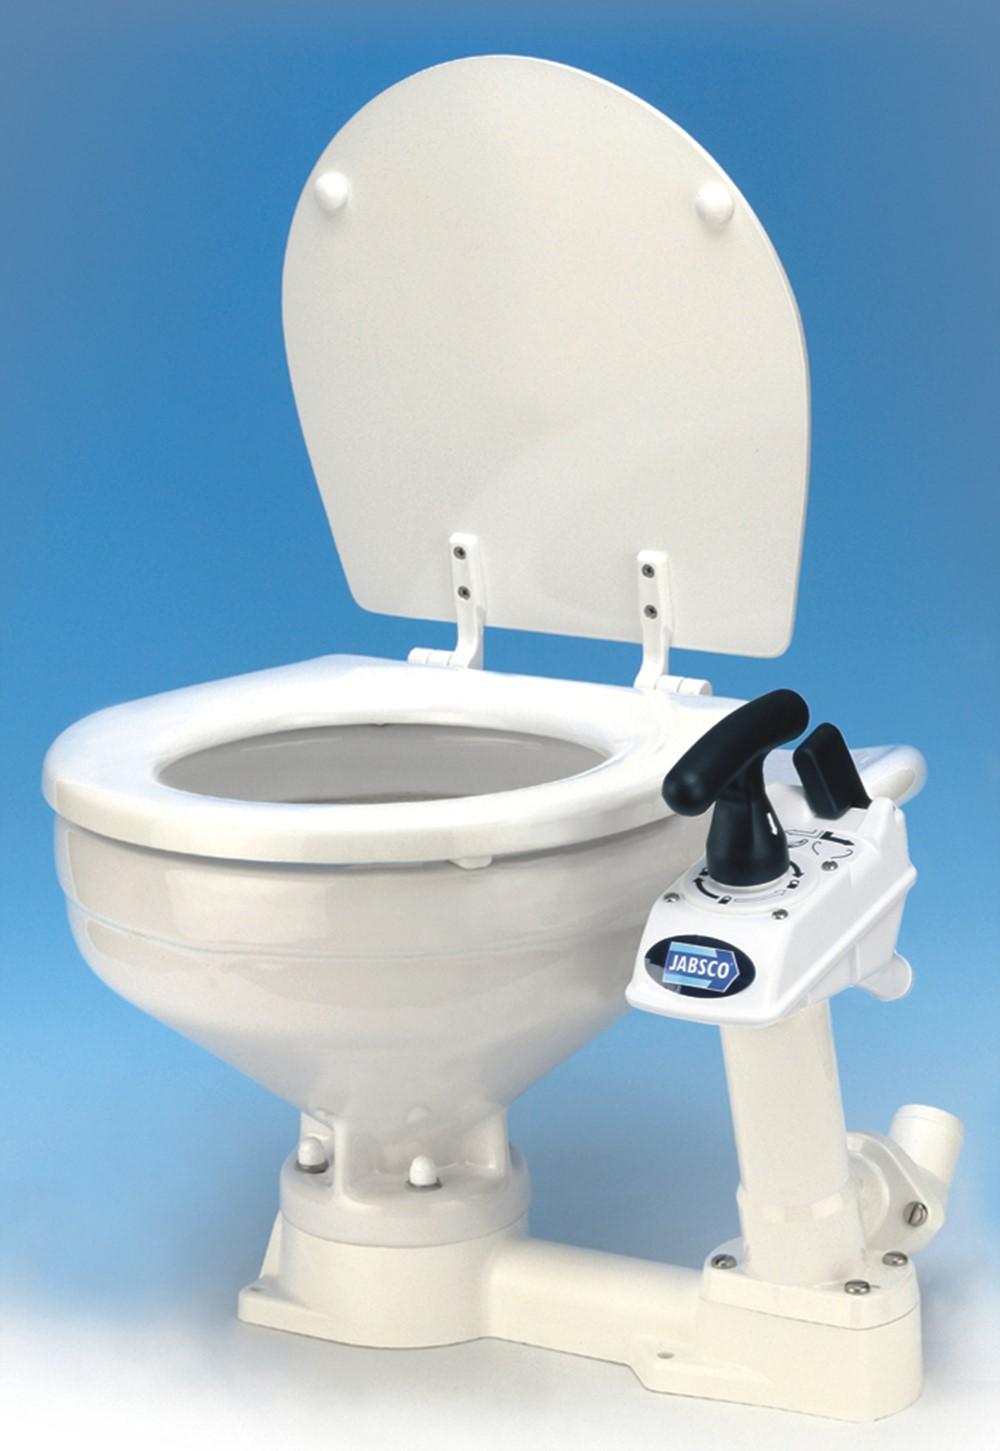 Jabsco 29090-3000 - Manual \'Twist n\' Lock\' toilet, compact bowl ...